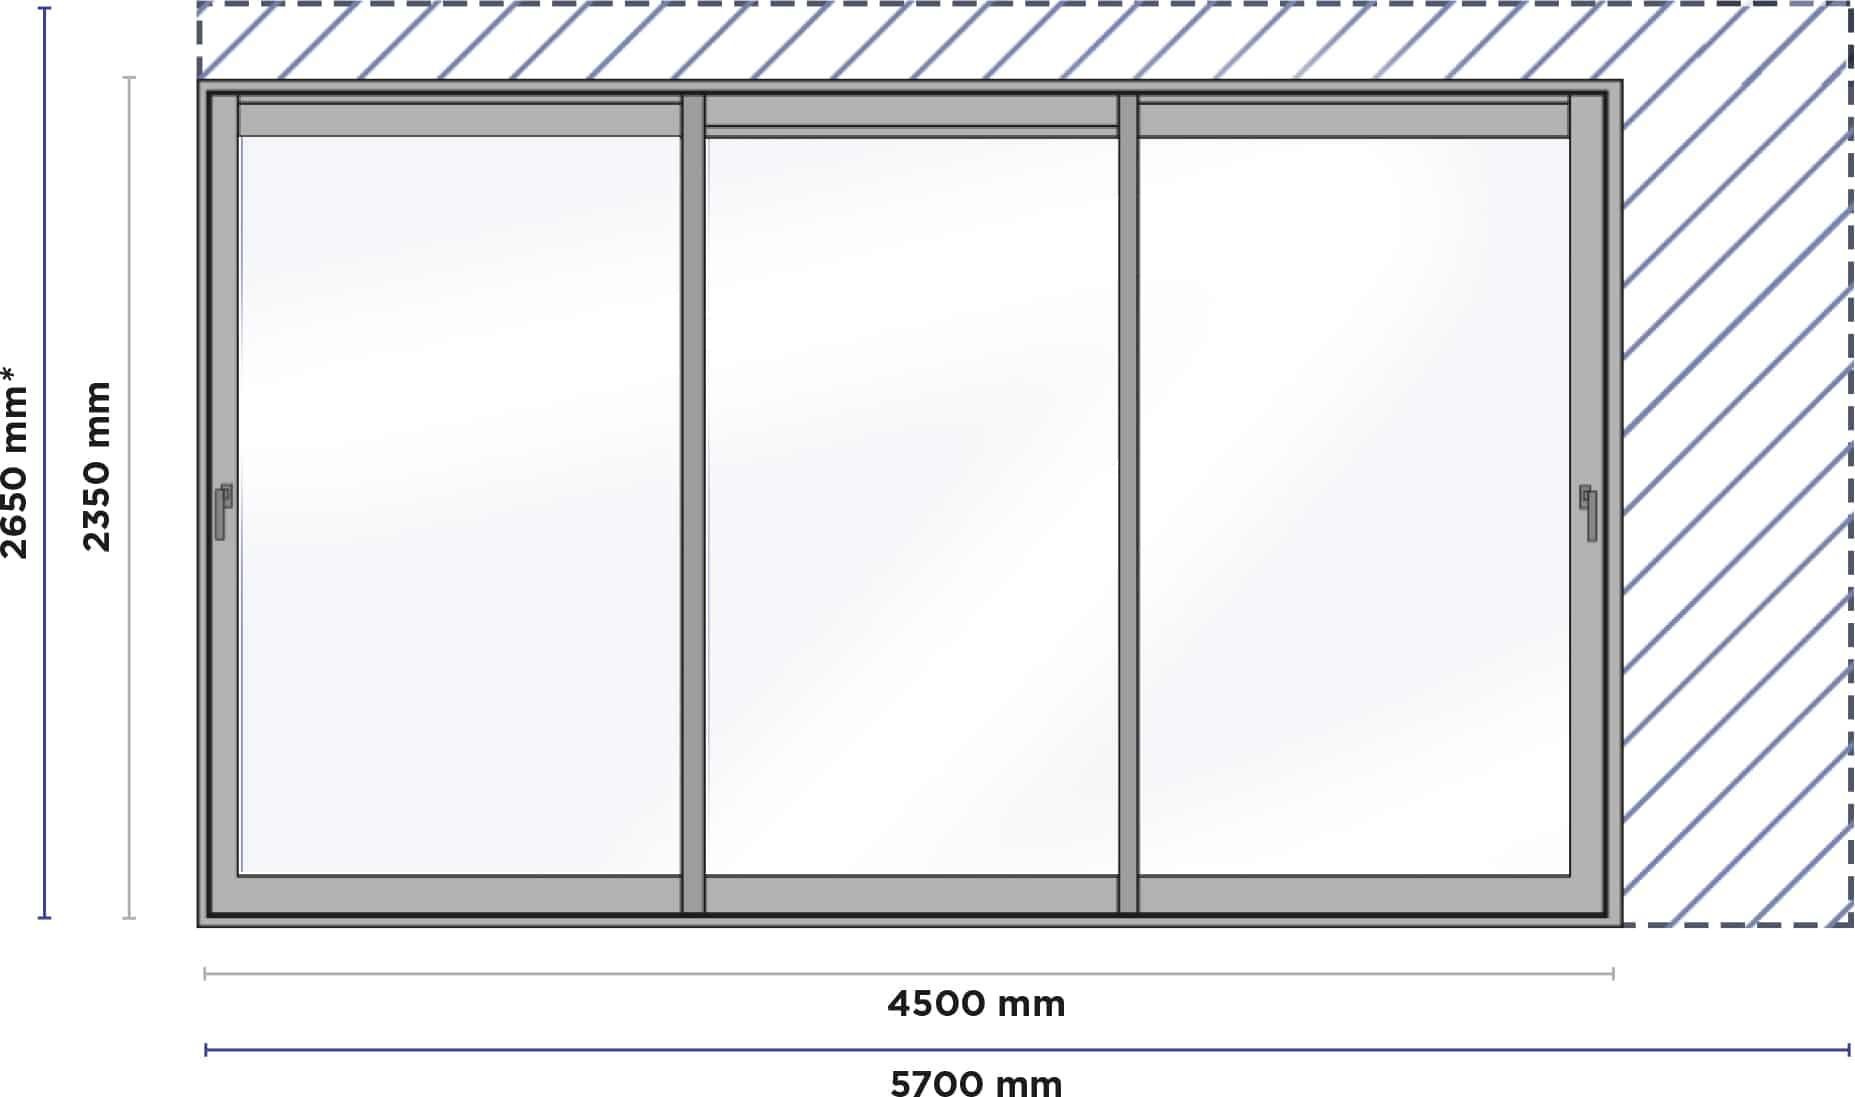 schéma-grandes-dimensions-3-rails-SYBAIE